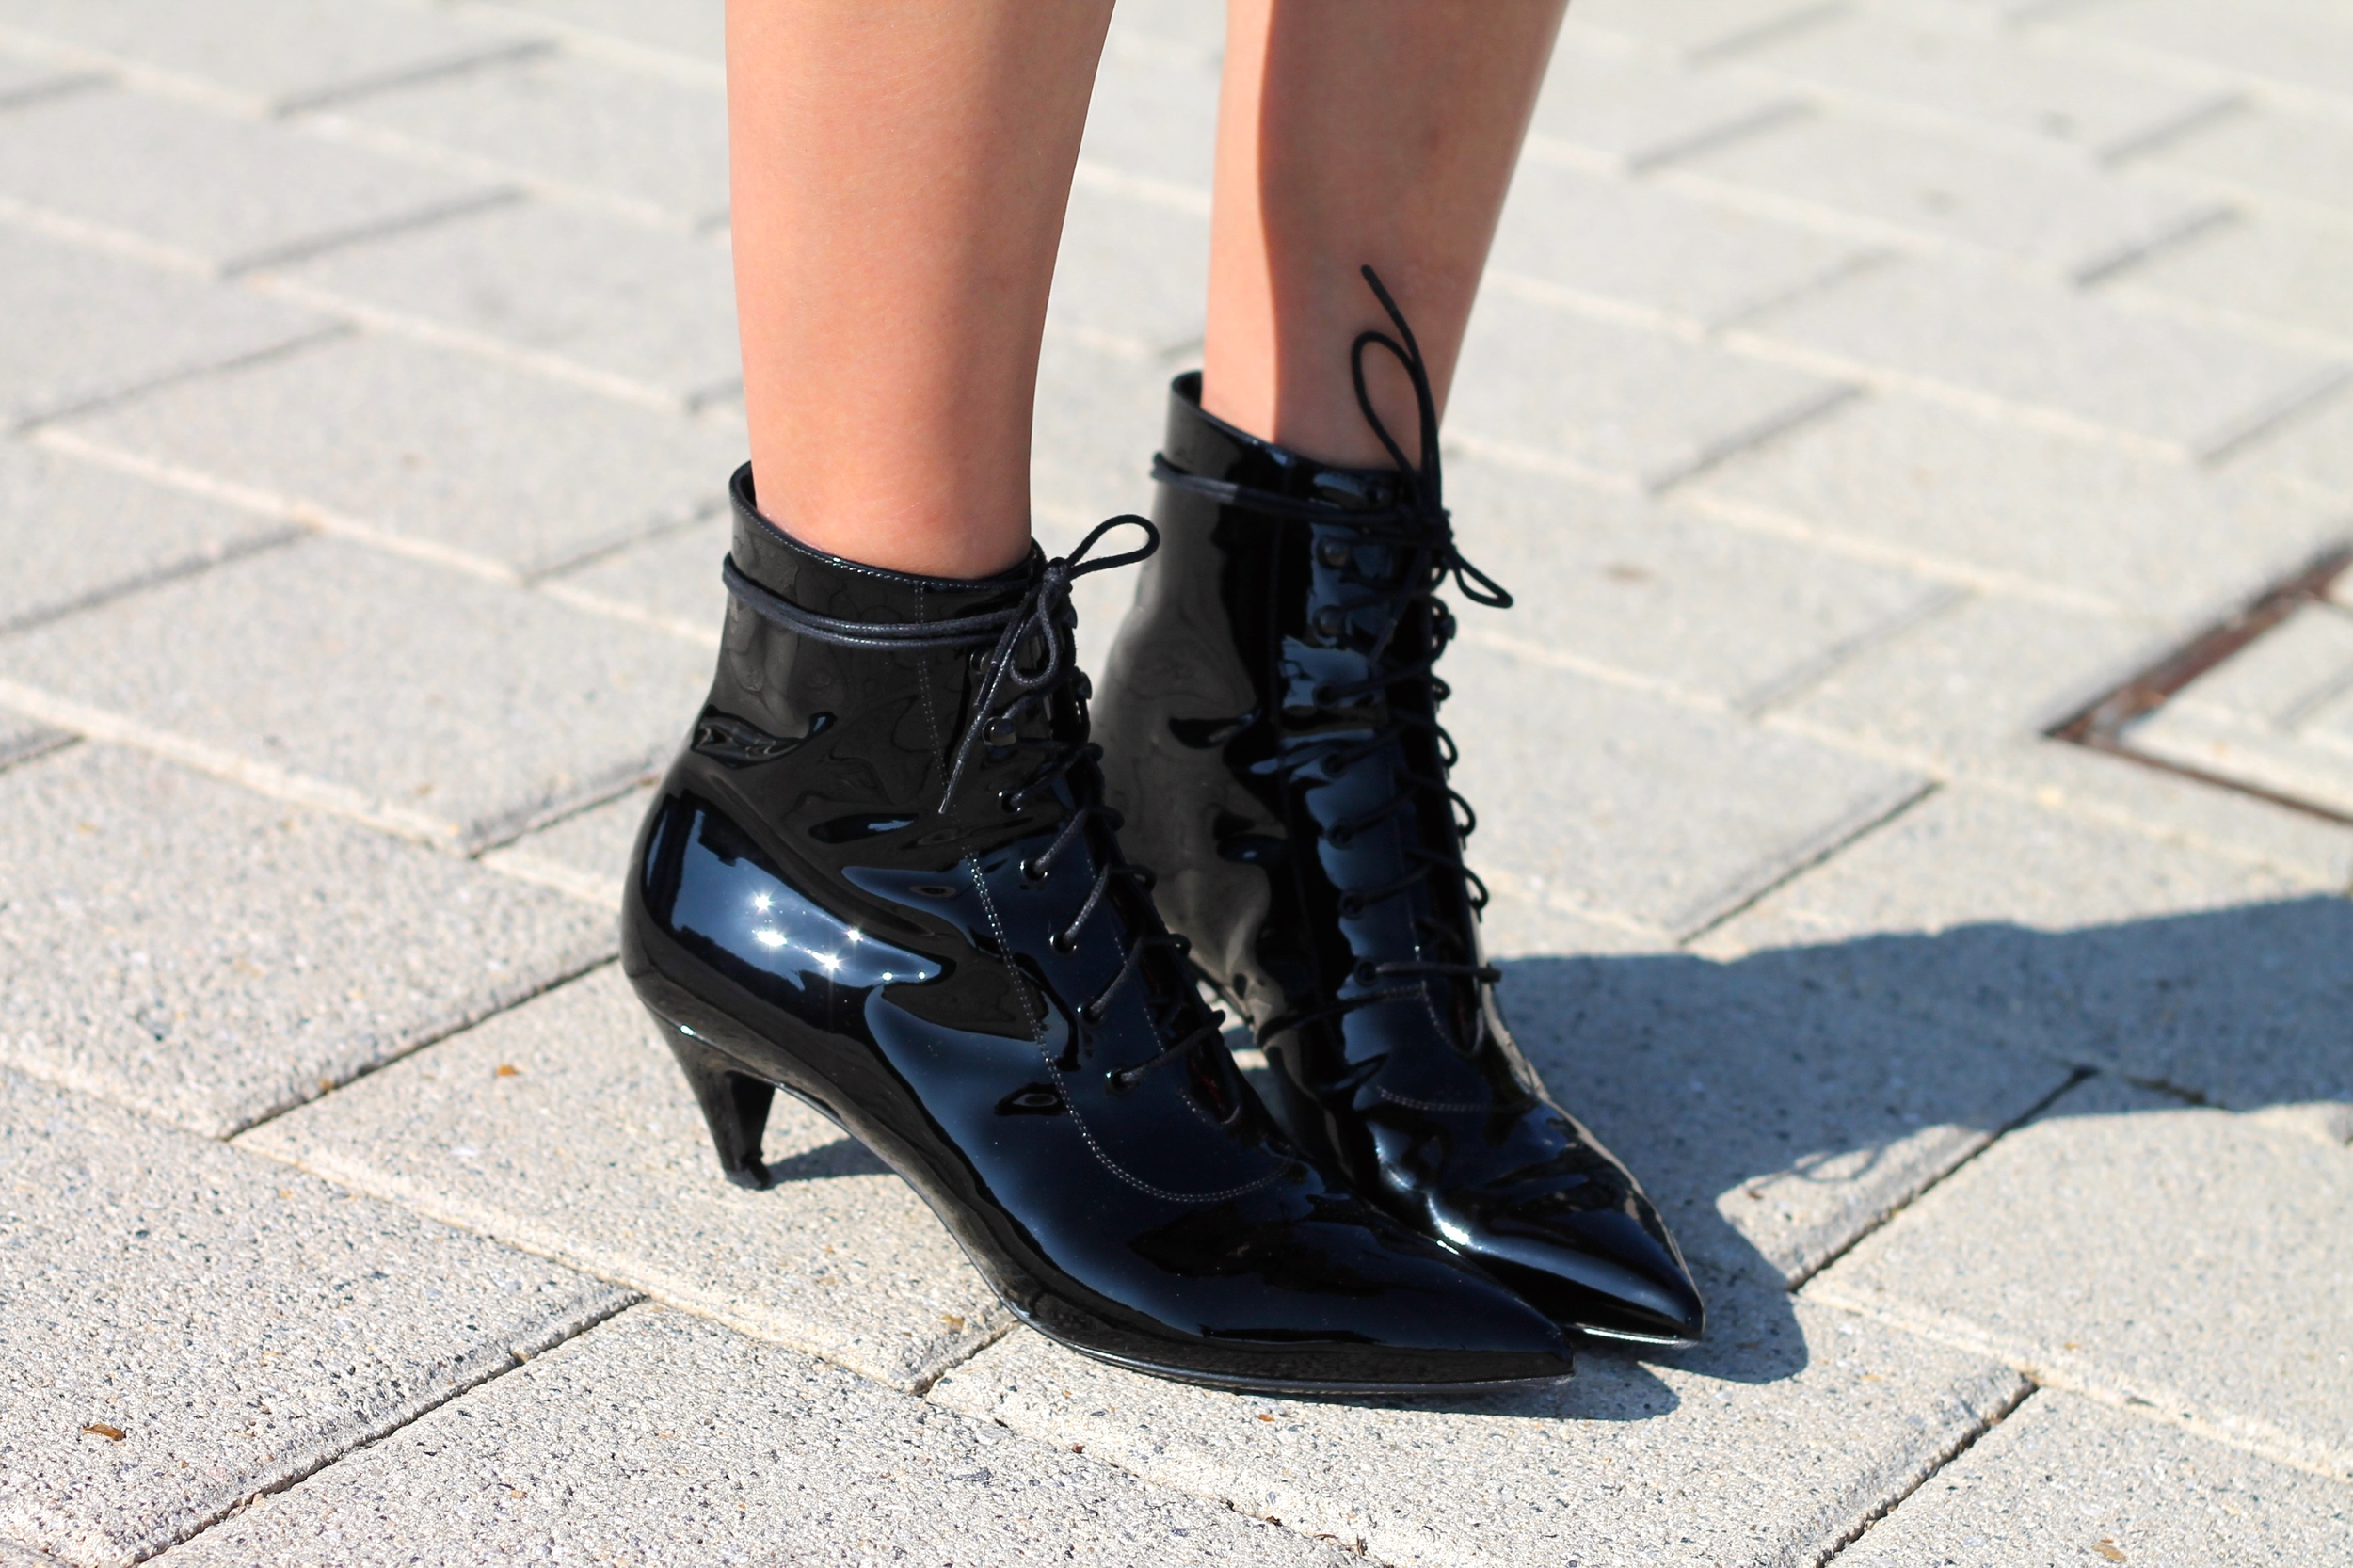 Saint Laurent booties